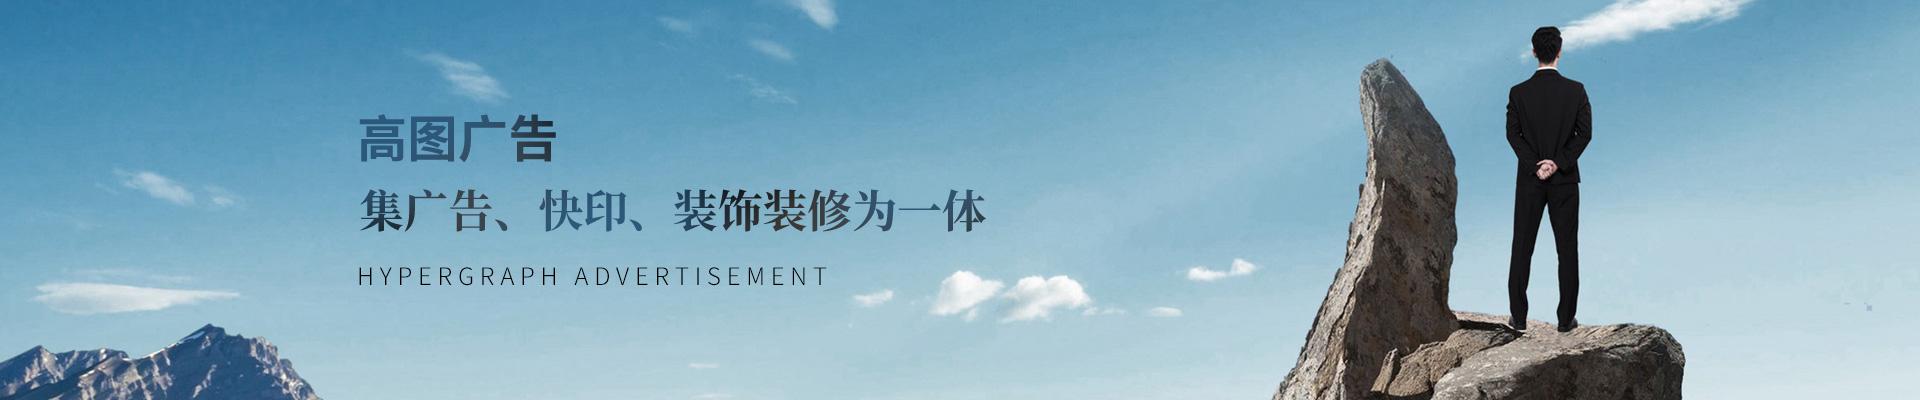 九龙坡地产楼顶大字广告